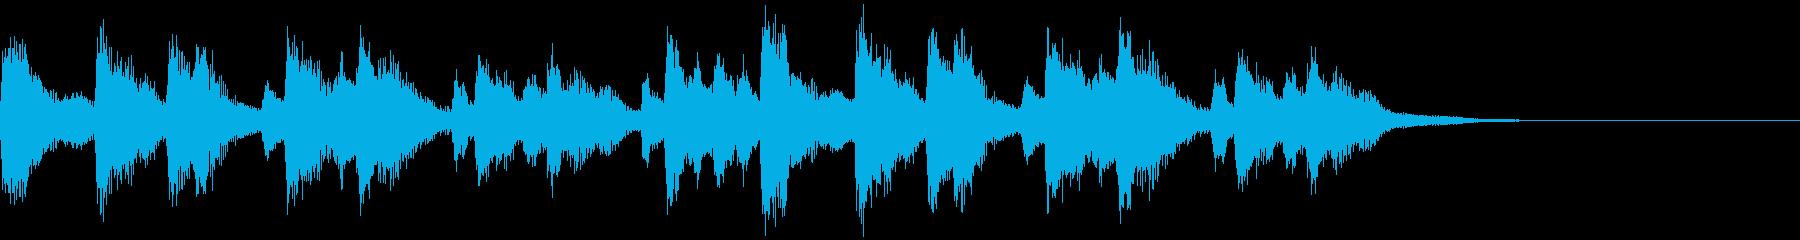 優しく壮大なストリングスのジングル・2の再生済みの波形